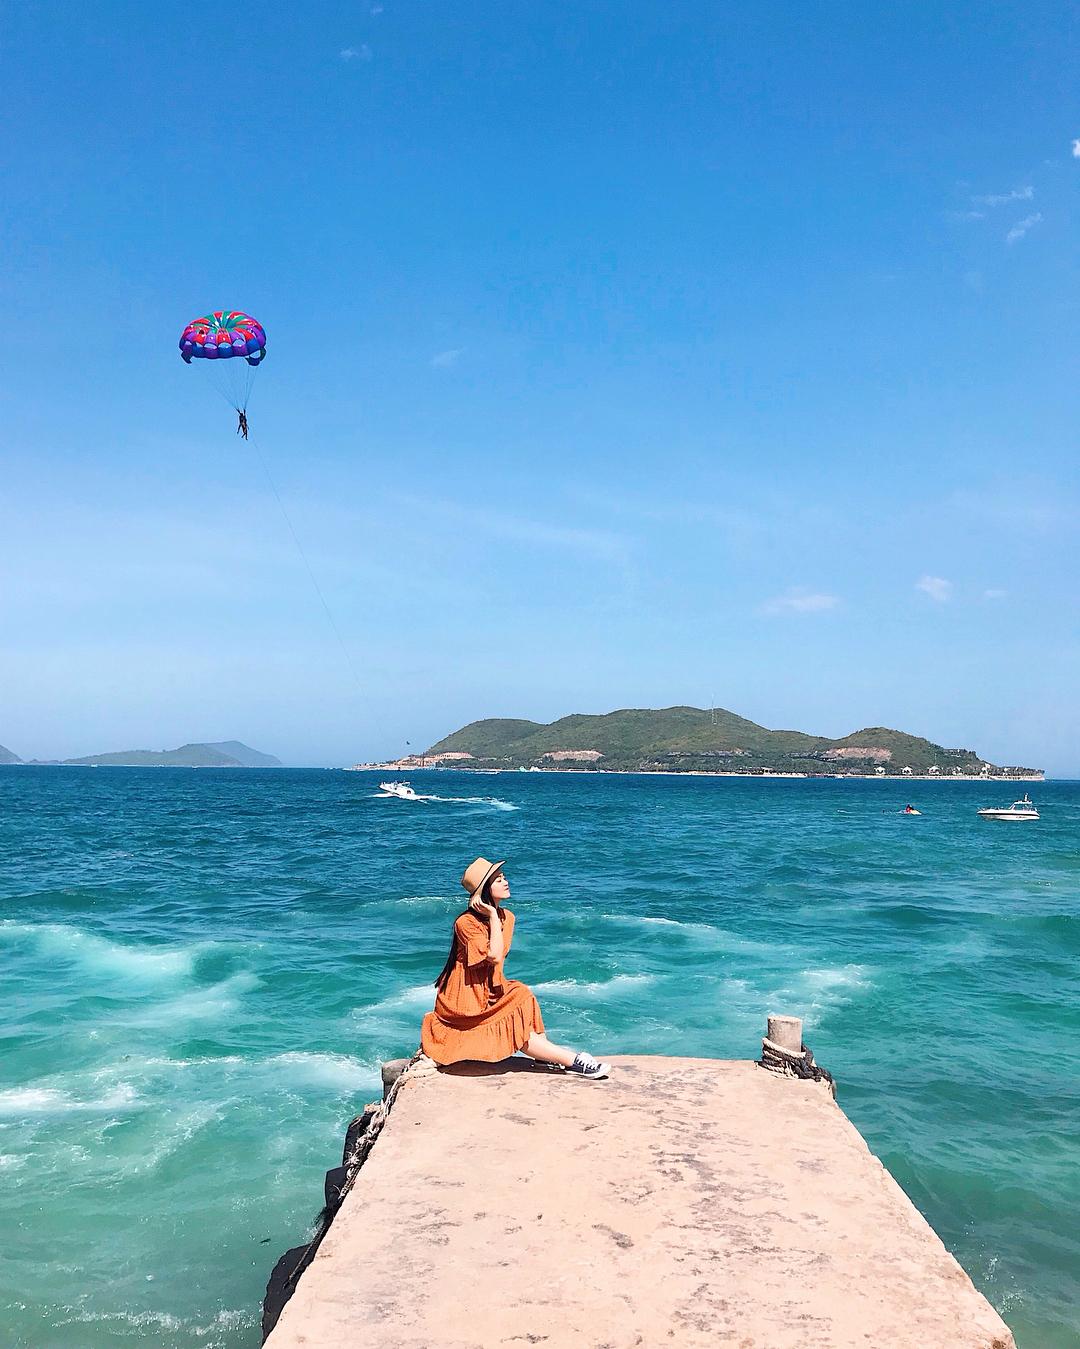 Tour du lịch Nha Trang 1 ngày: Khám phá thiên đường biển đảo với chi phí cực hấp dẫn - Ảnh 13.